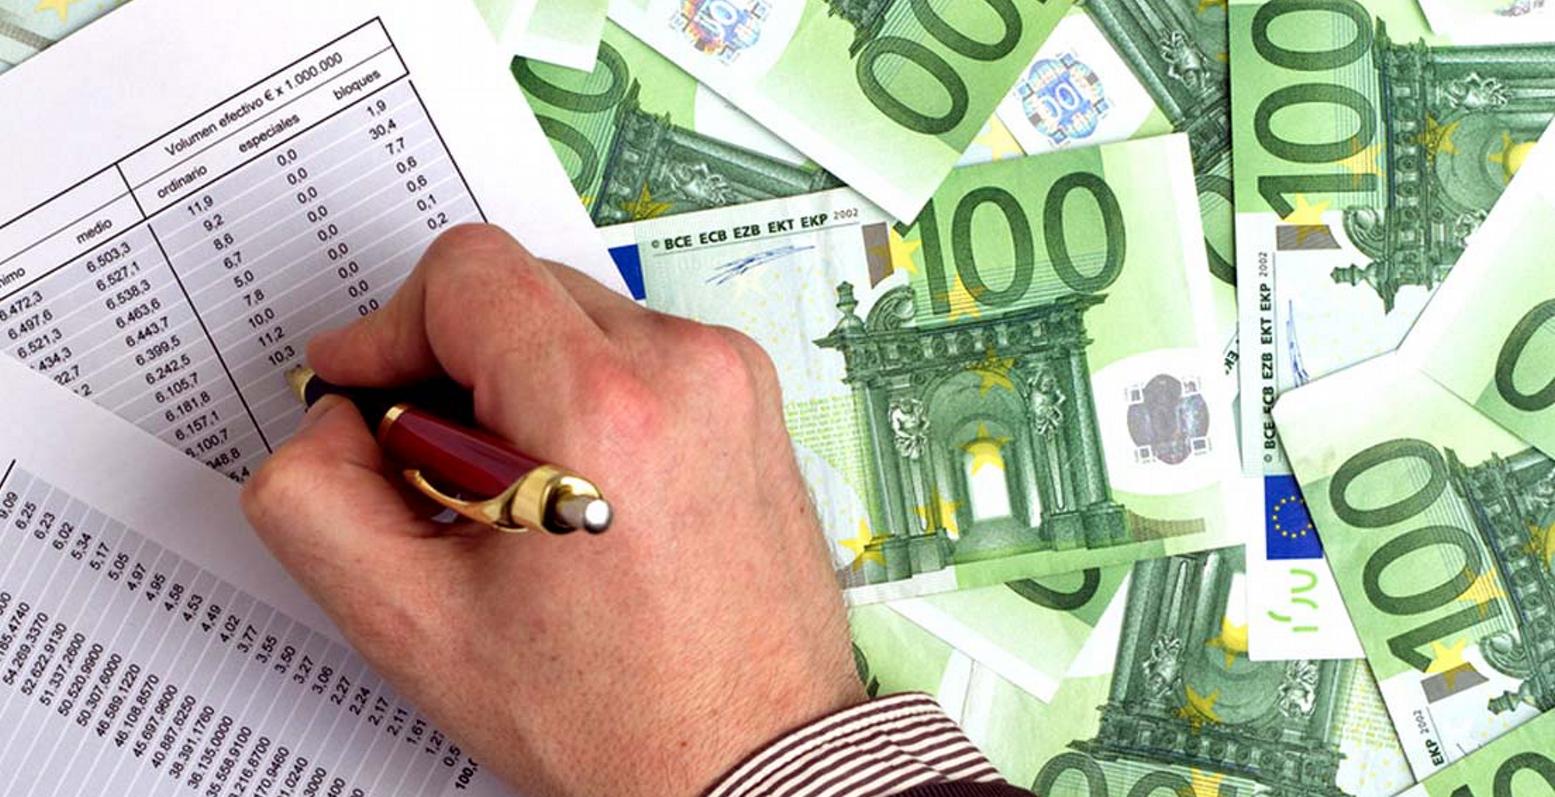 Χρέη στο Δημόσιο: Έτσι μπορείτε να μπλοκάρετε τις κατασχέσεις της εφορίας | Pagenews.gr